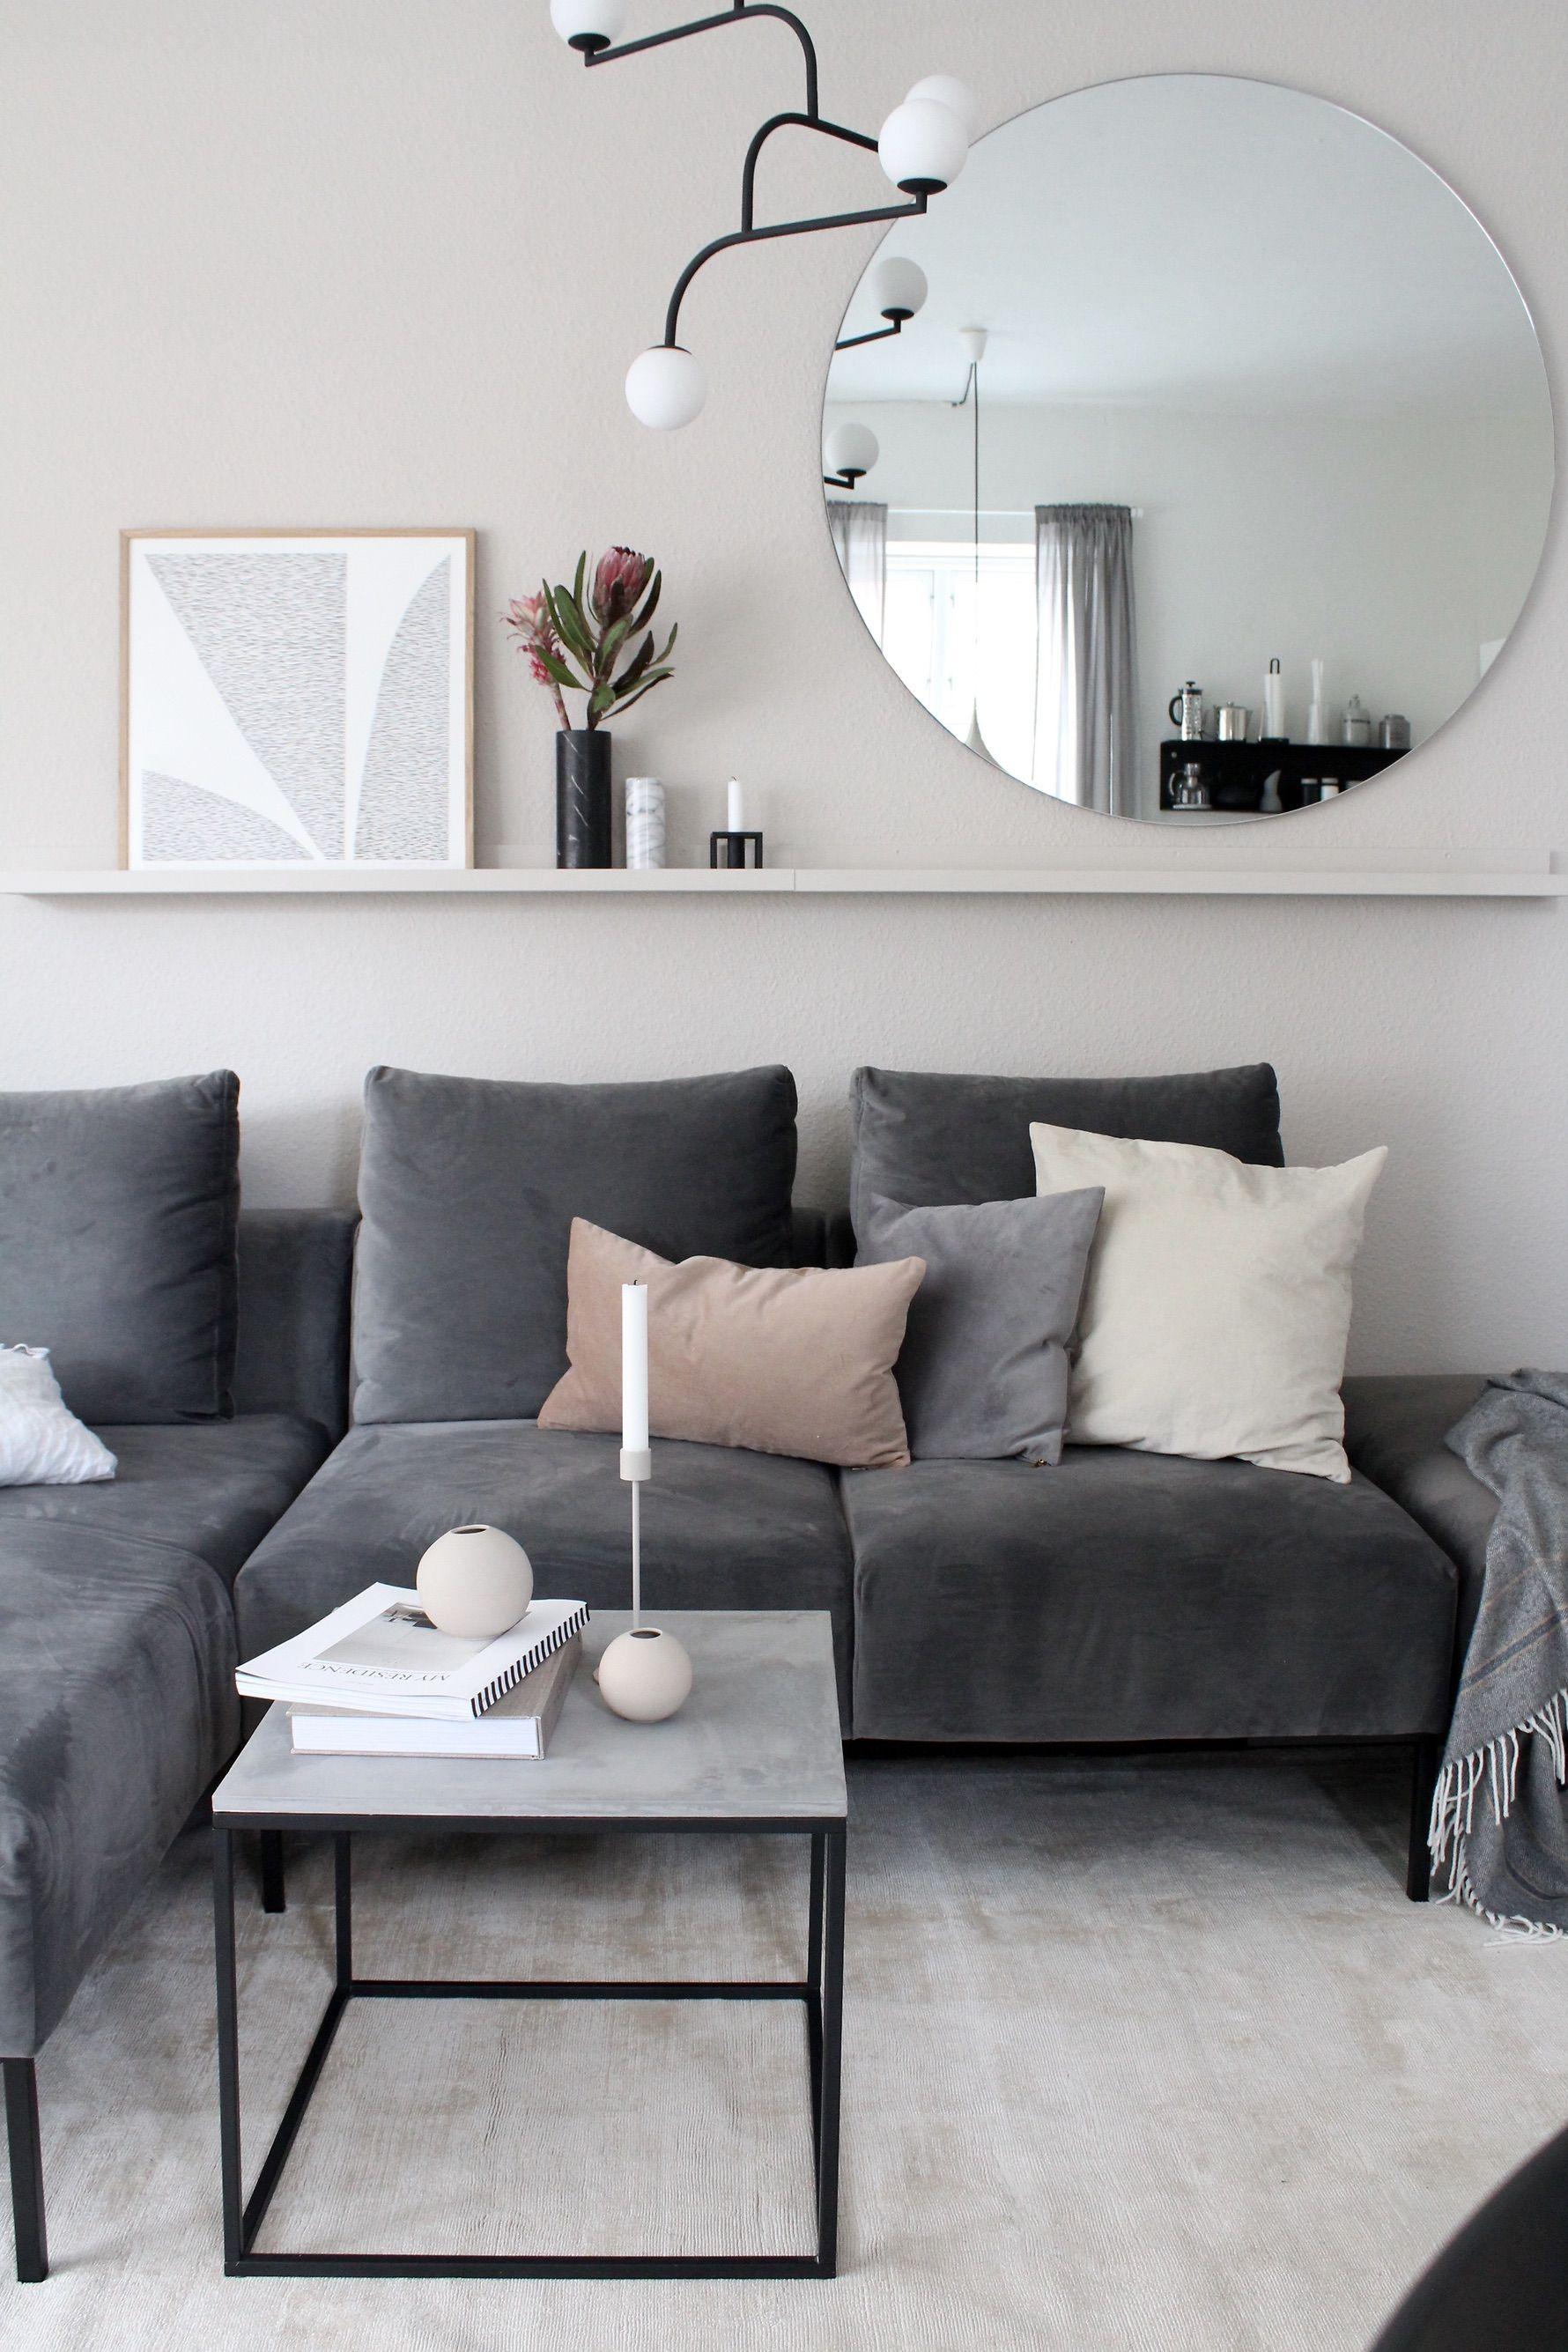 Minimales esszimmer dekor molgedecor  home   pinterest  wohnzimmer wohnen und bildwände